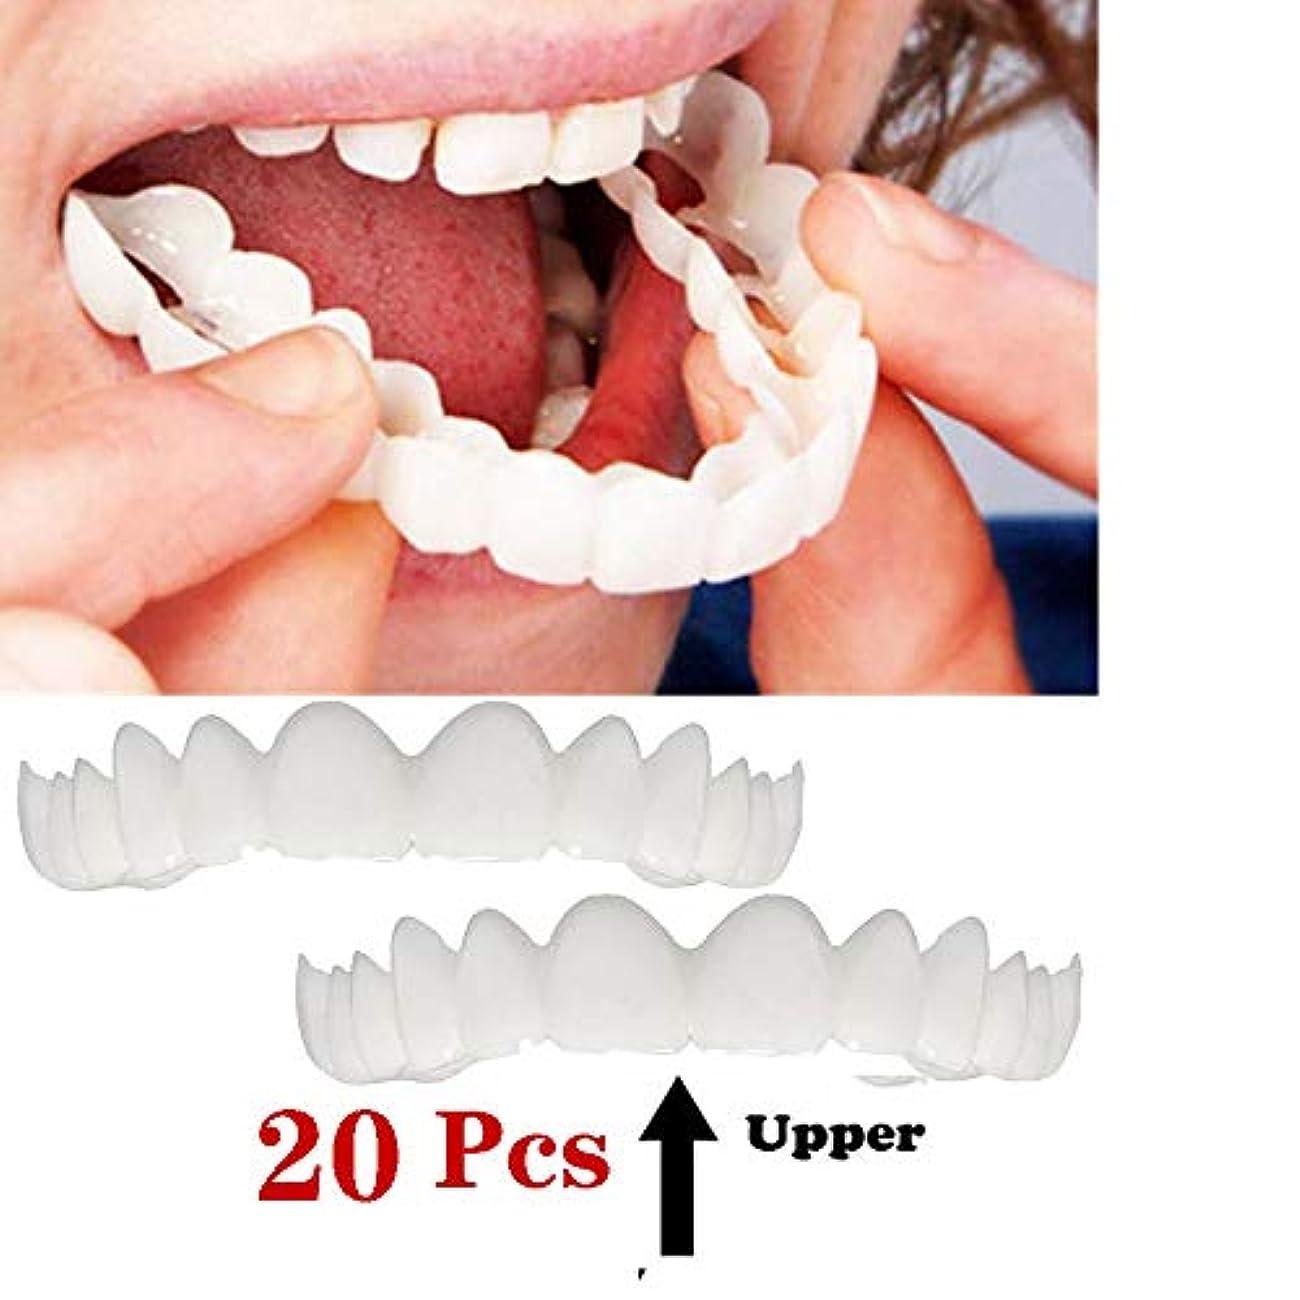 ジョセフバンクス無限大変数笑顔の義歯フィットフレックス化粧品の歯快適なベニヤカバーの歯のスナップを白くする笑顔の歯化粧品の義歯、化粧品の歯